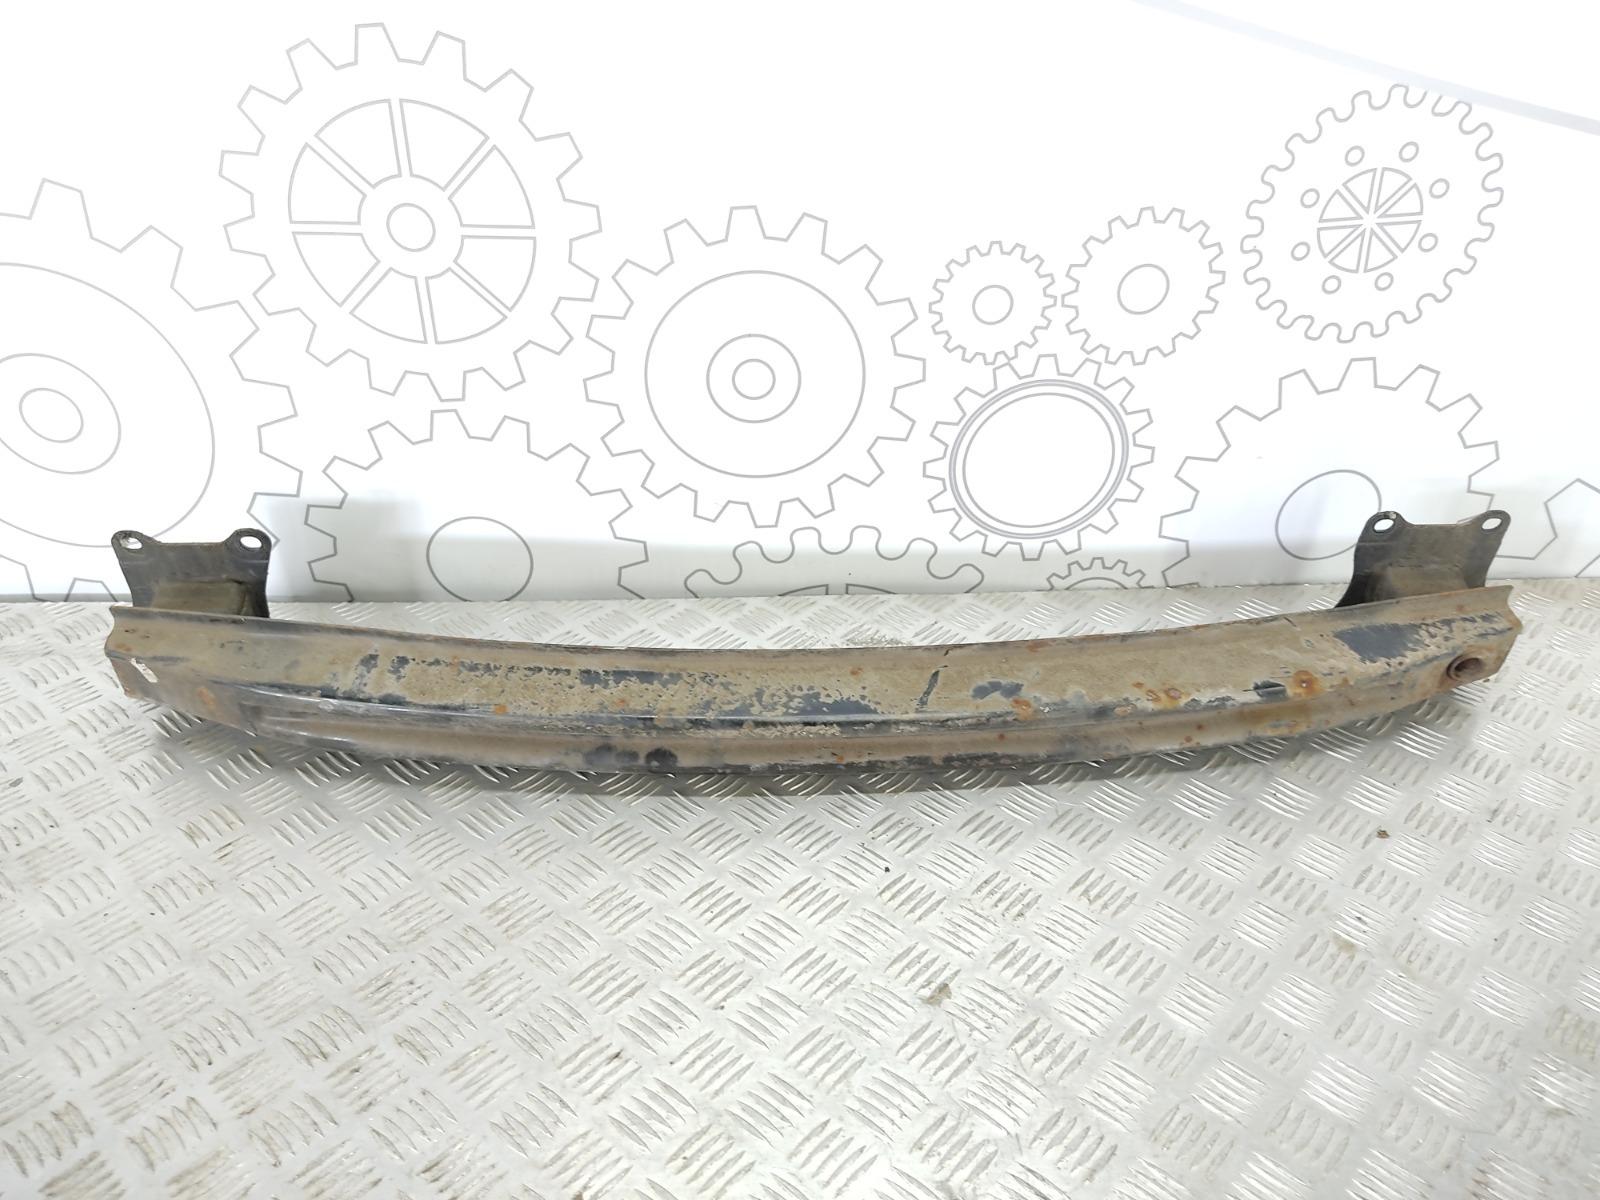 Усилитель бампера заднего Seat Altea 1.9 TDI 2008 (б/у)